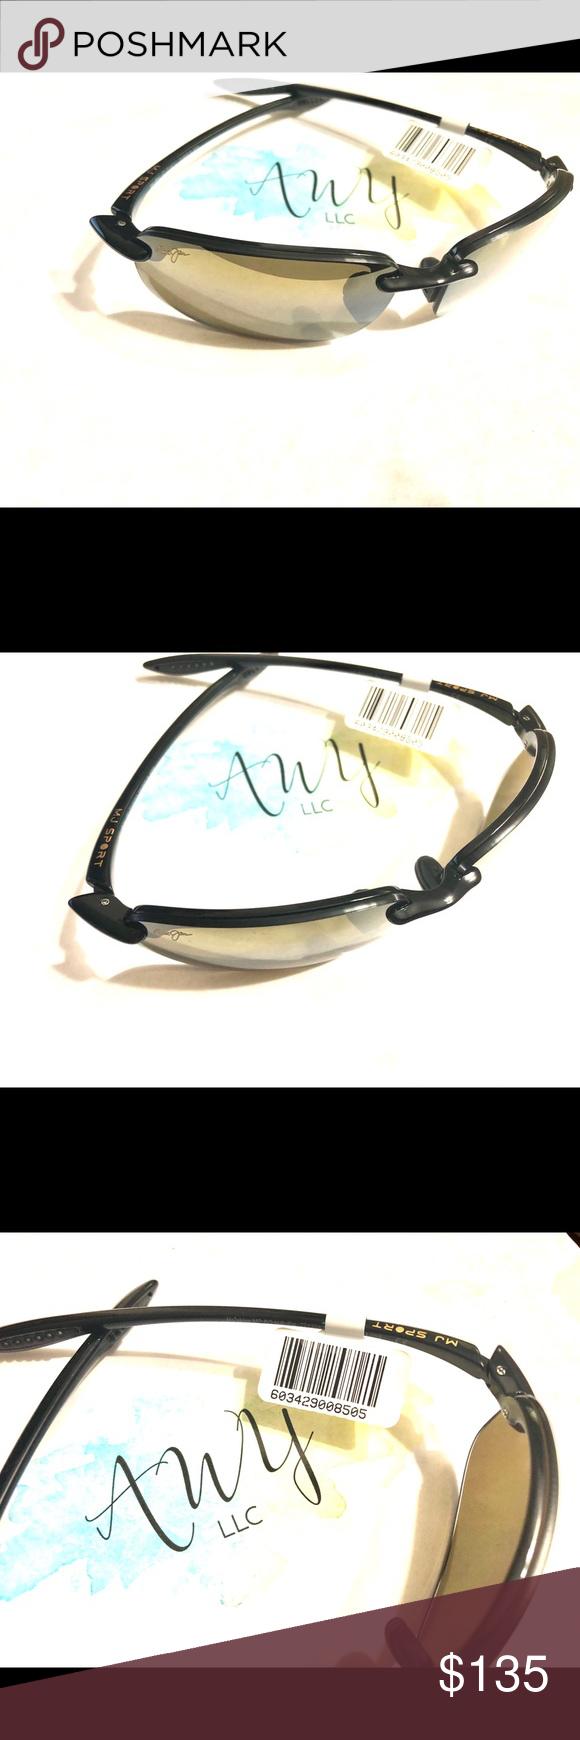 Maui Jim Sunglasses No original box or package, Original